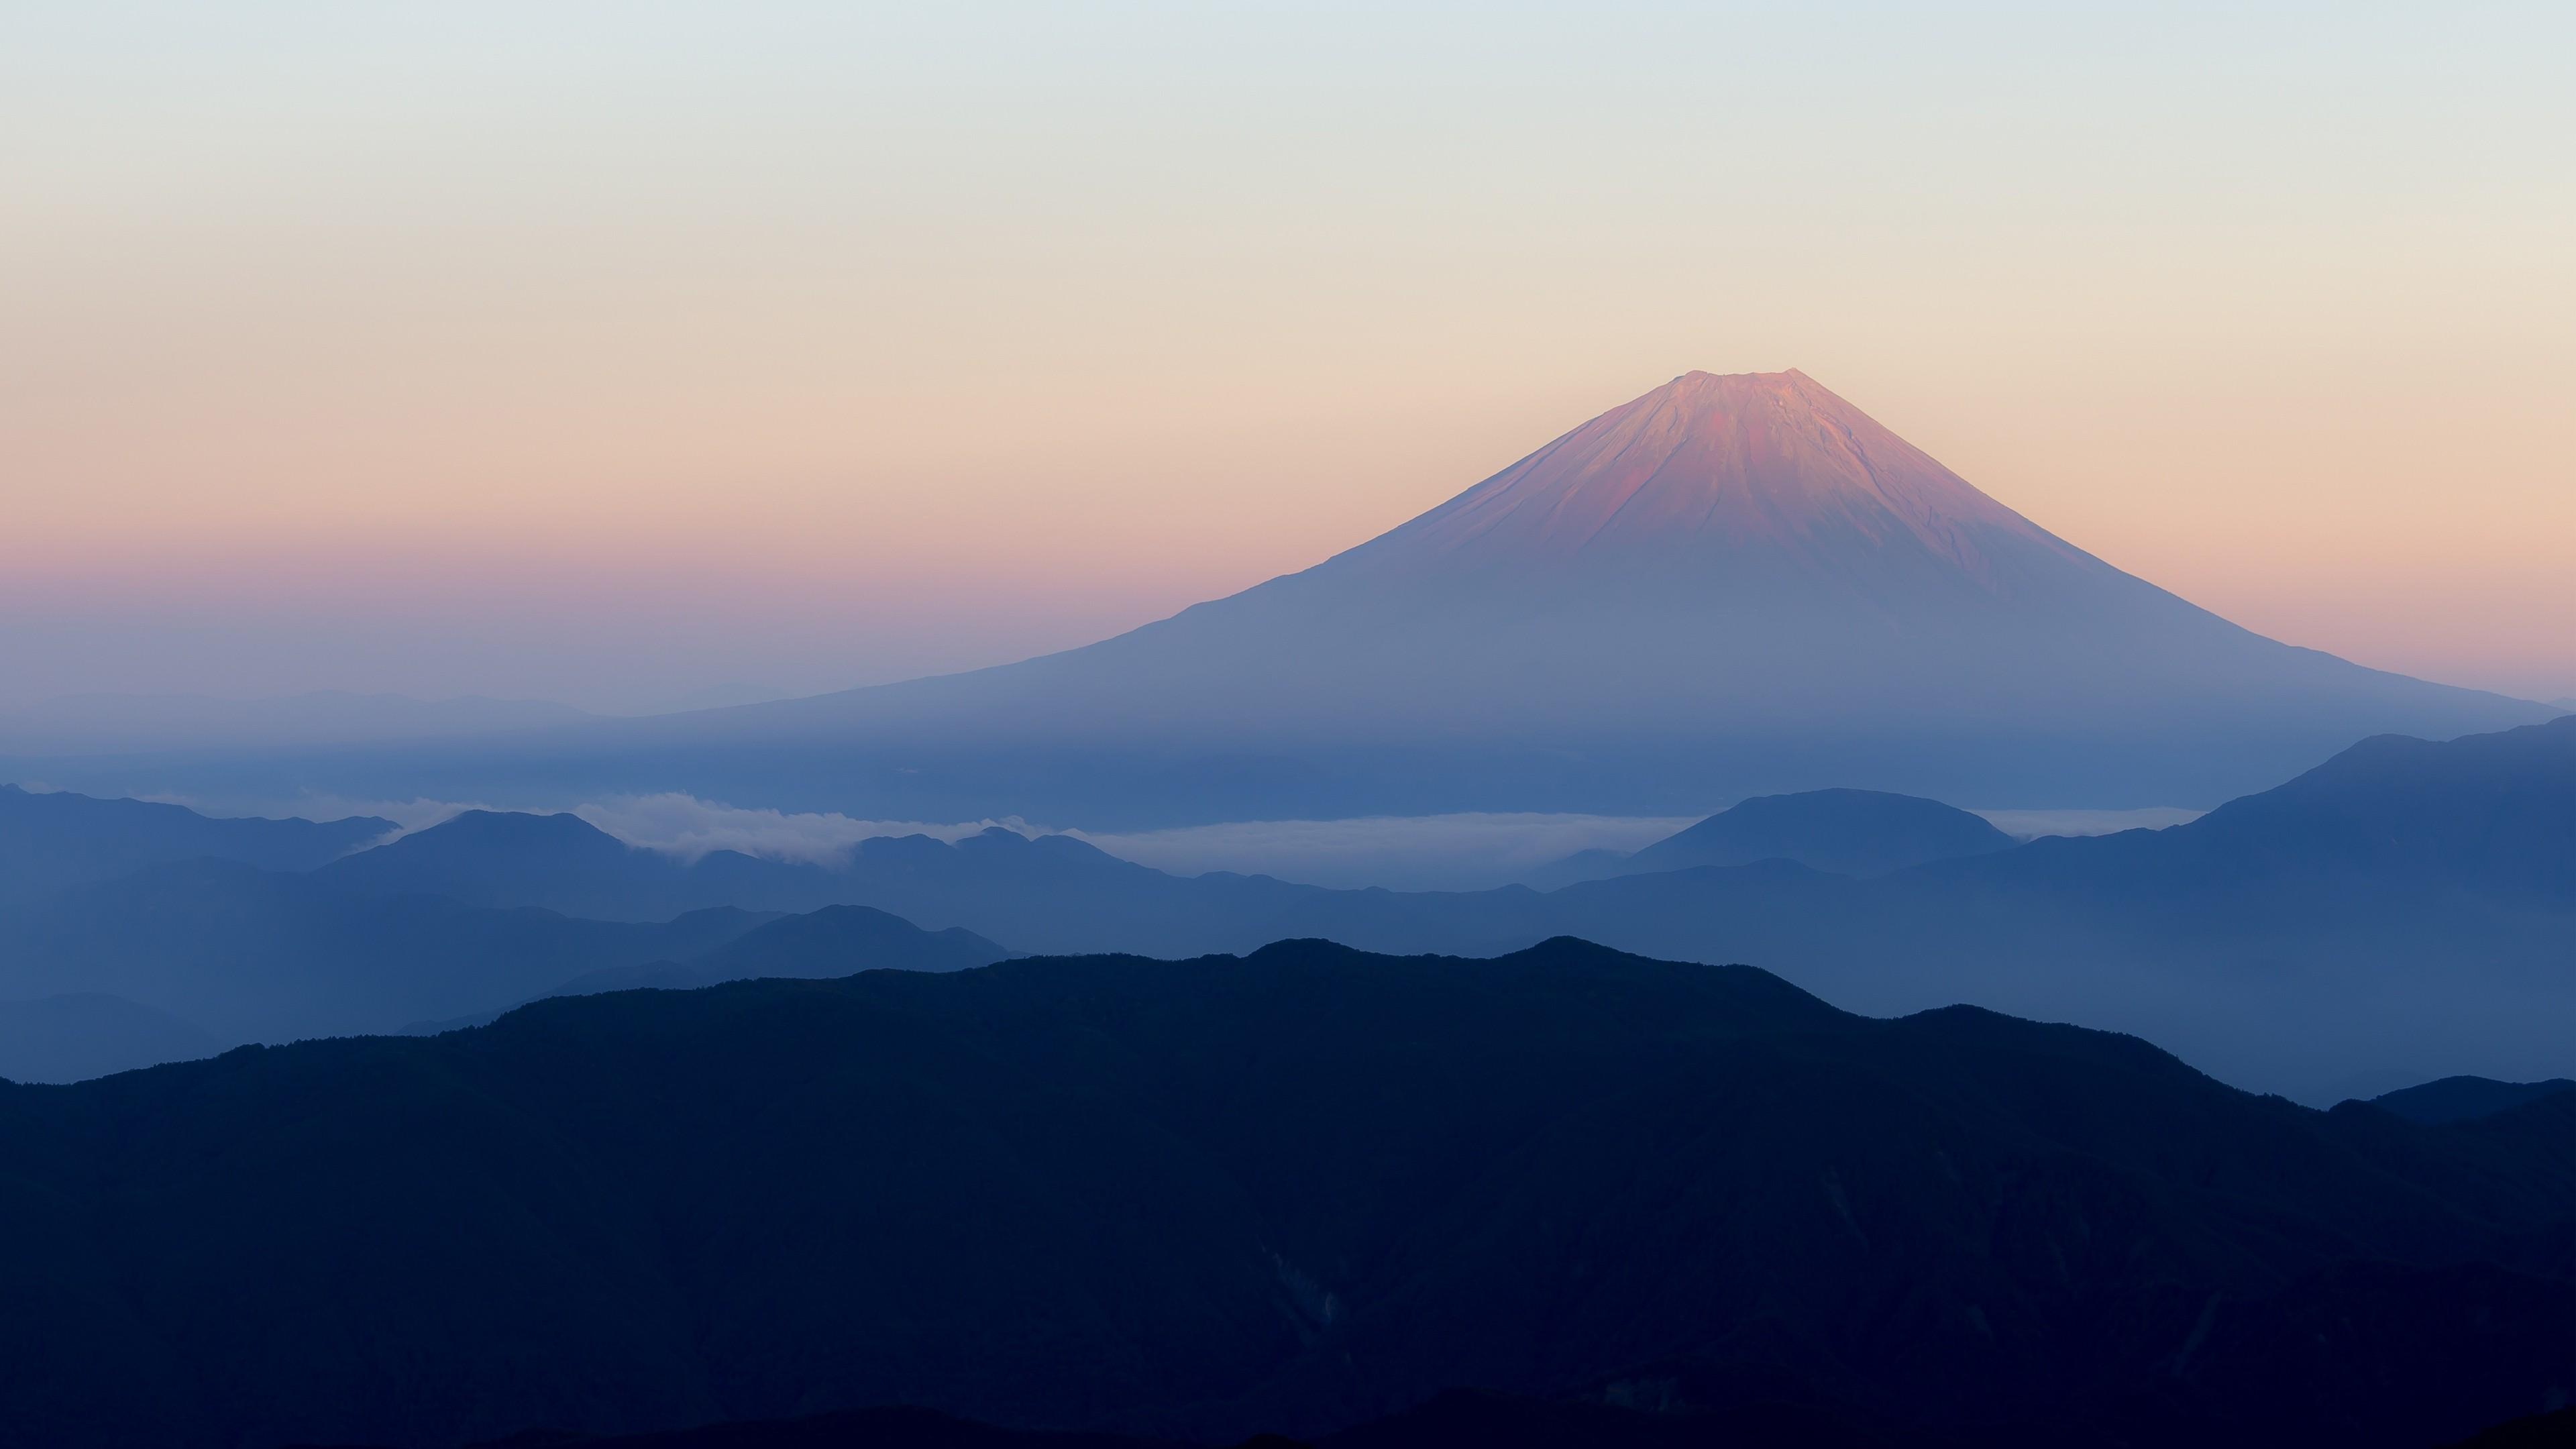 Cute Chromebook Wallpapers Mount Fuji Japan 4k Wallpapers Hd Wallpapers Id 21755